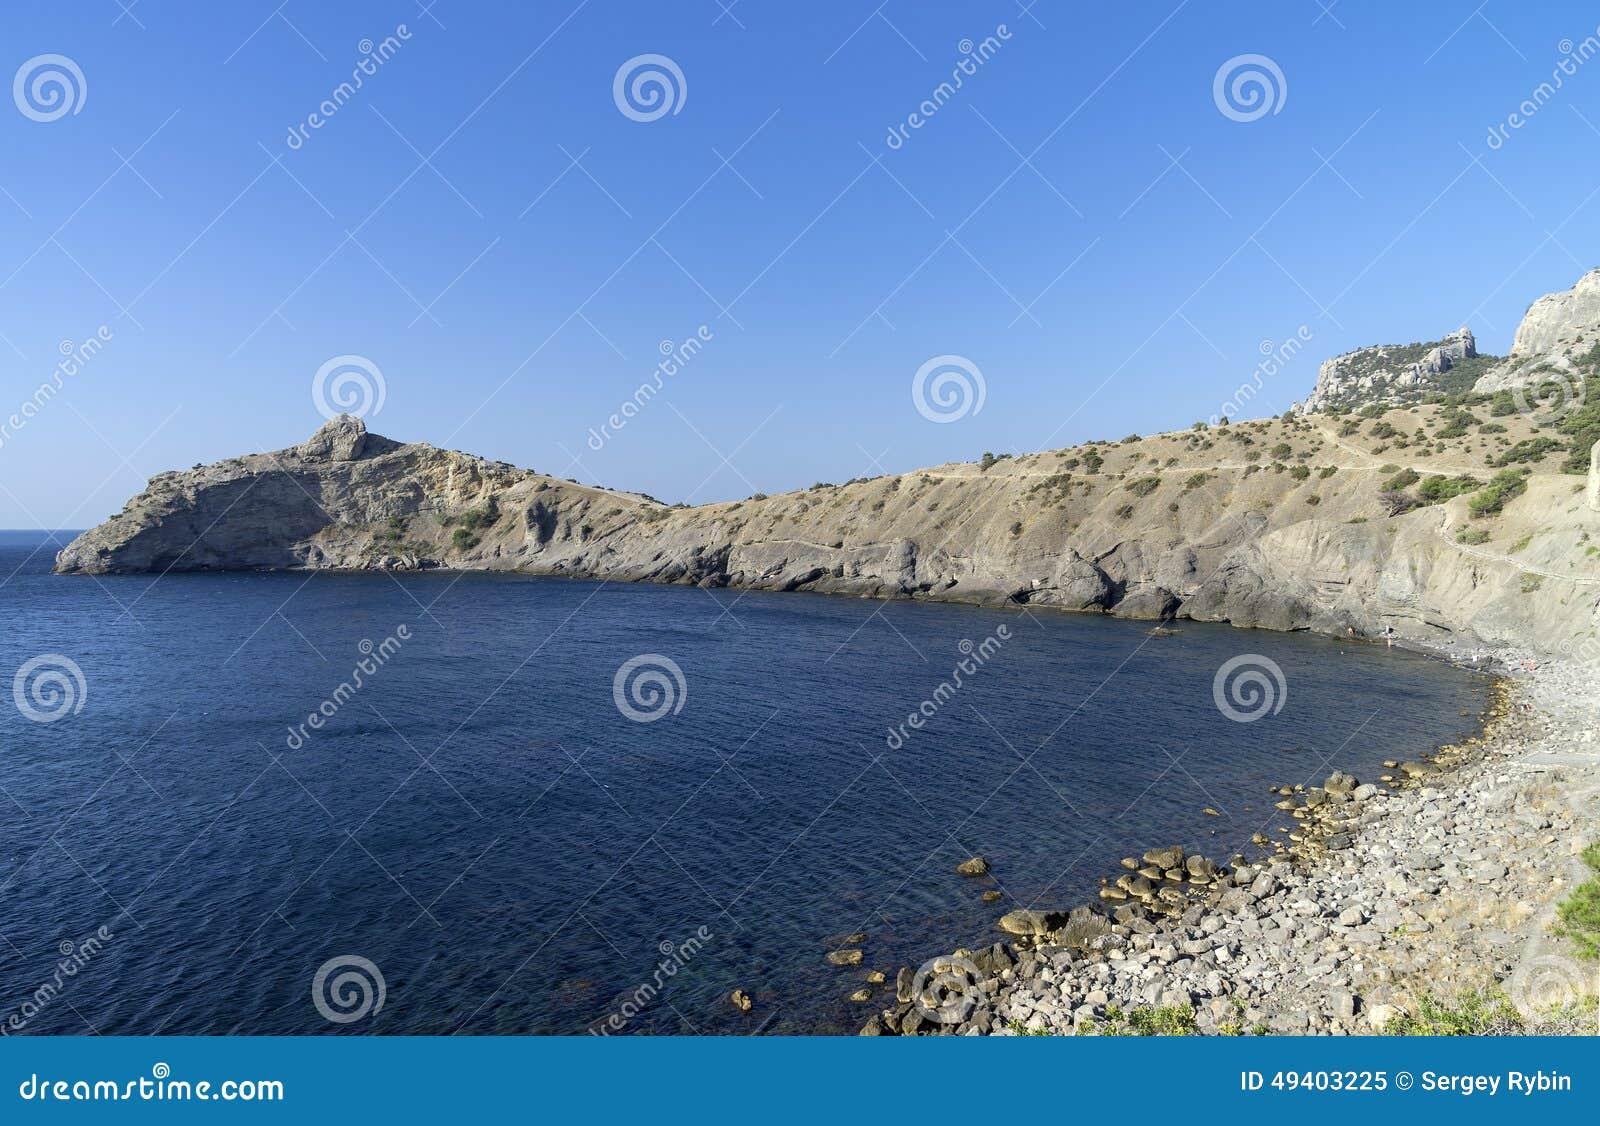 Download Wenig Bucht in Krim stockbild. Bild von landschaft, felsspitze - 49403225